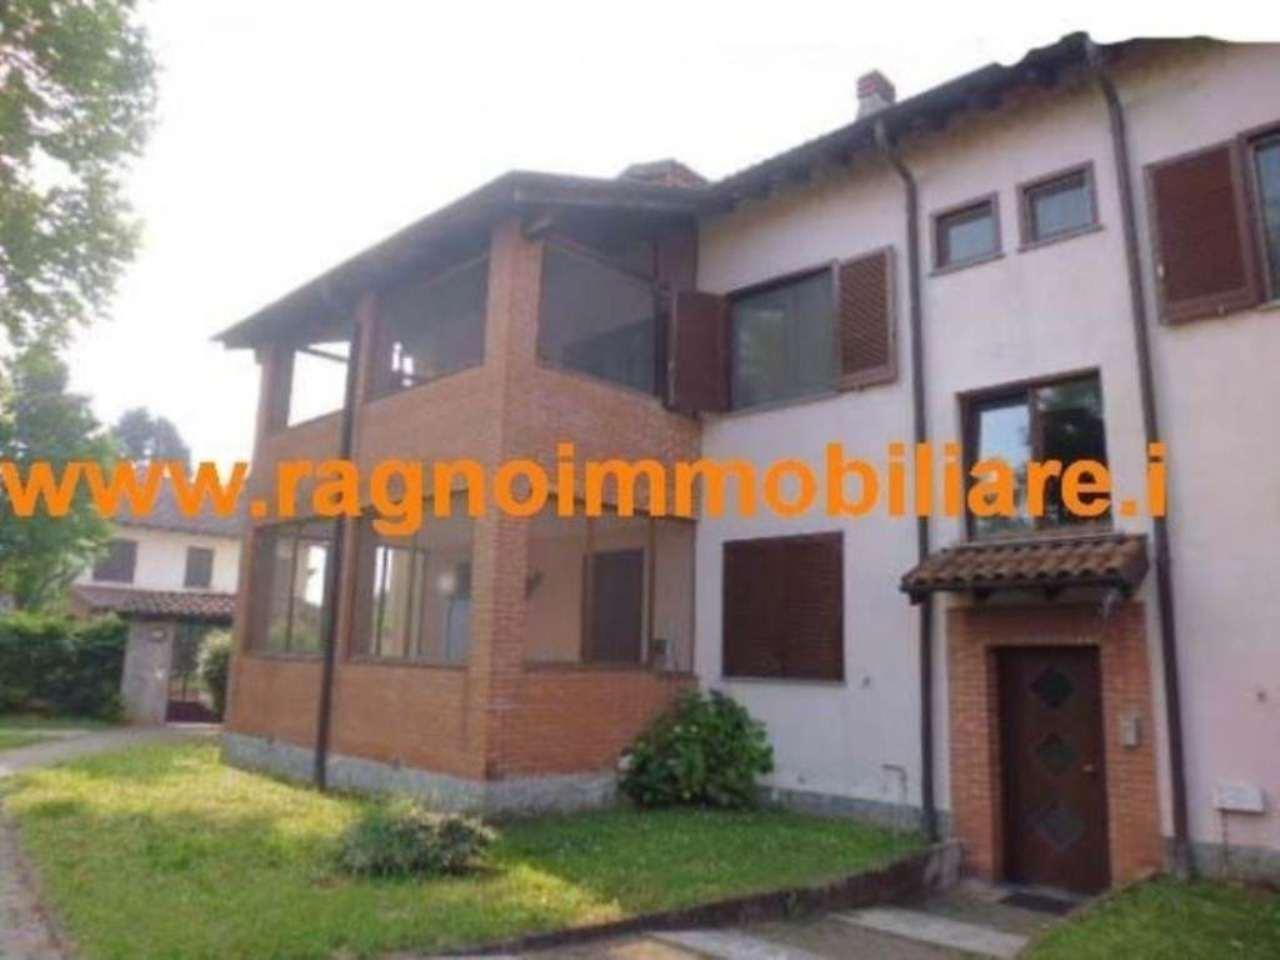 Appartamento in vendita a Rognano, 3 locali, prezzo € 150.000 | Cambio Casa.it